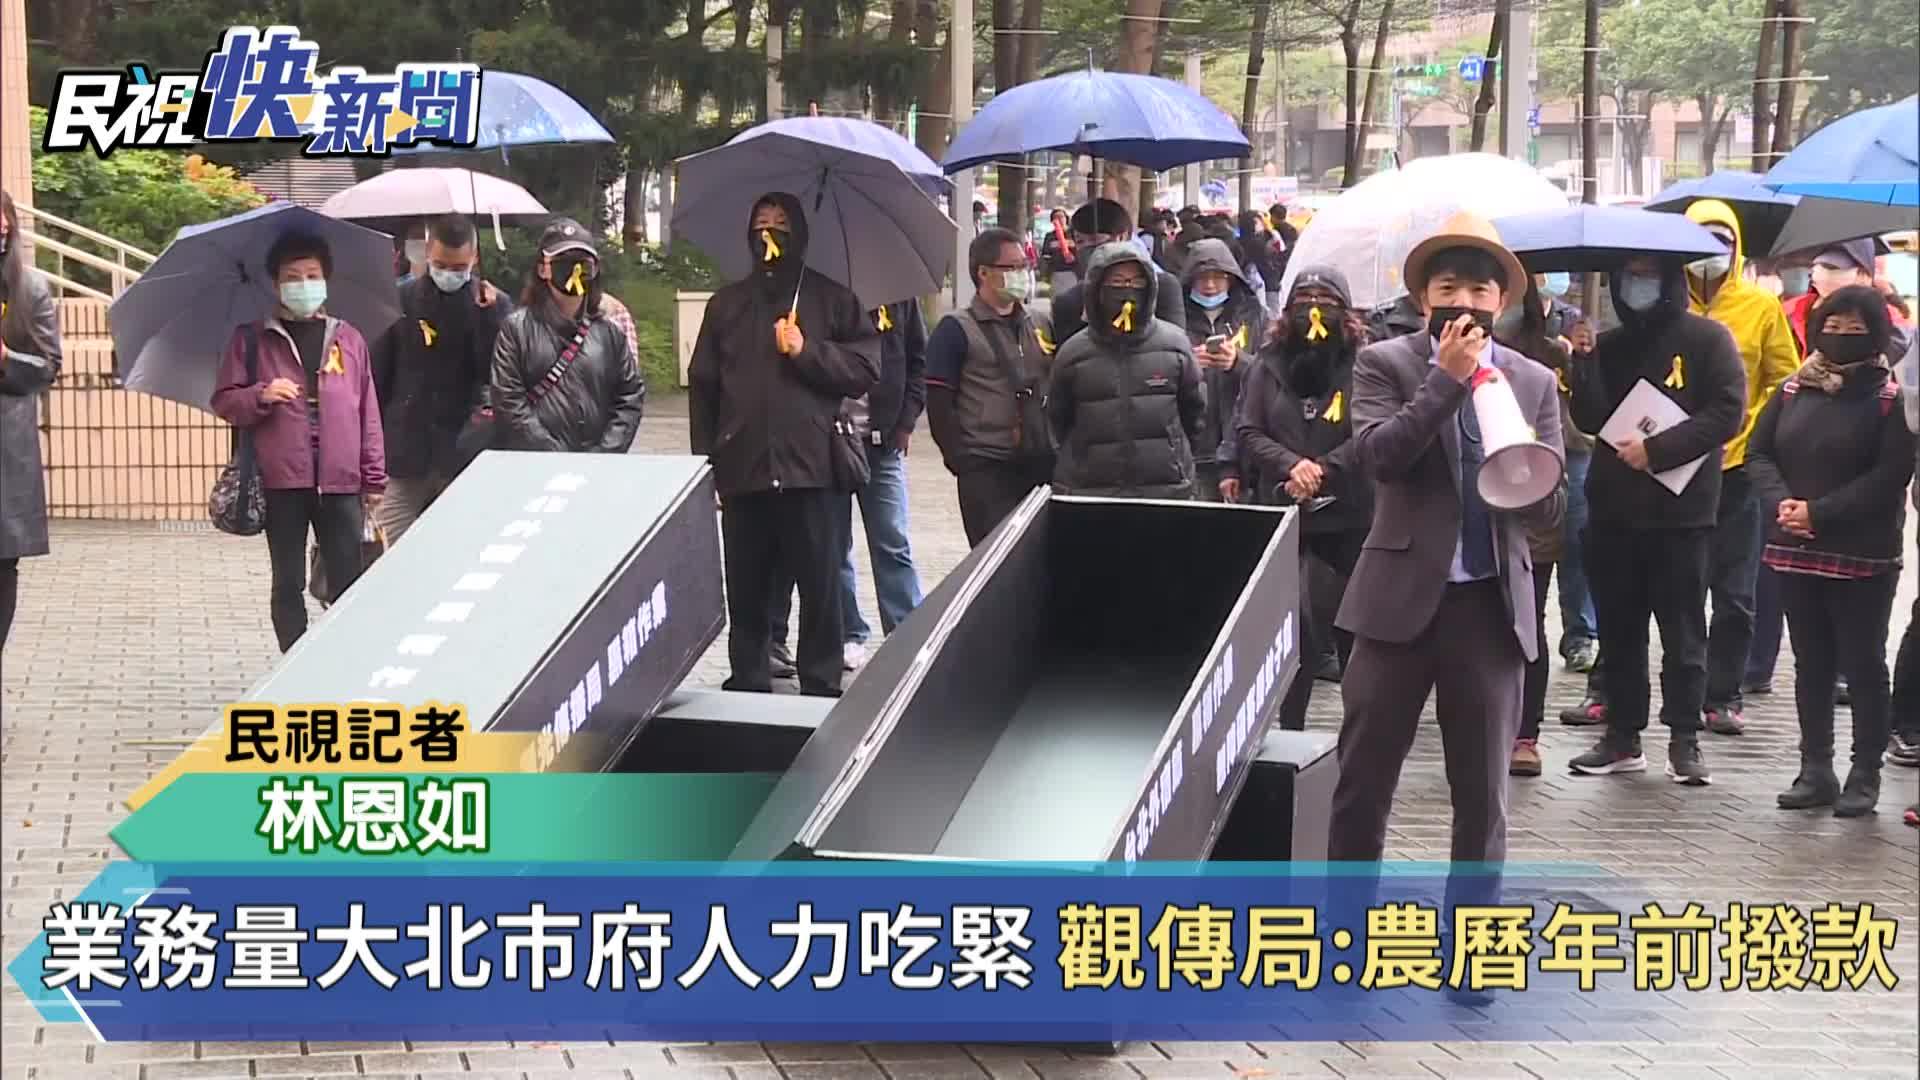 快新聞/七成旅宿業者控未獲補助款 搬「黑棺」赴北市府抗議